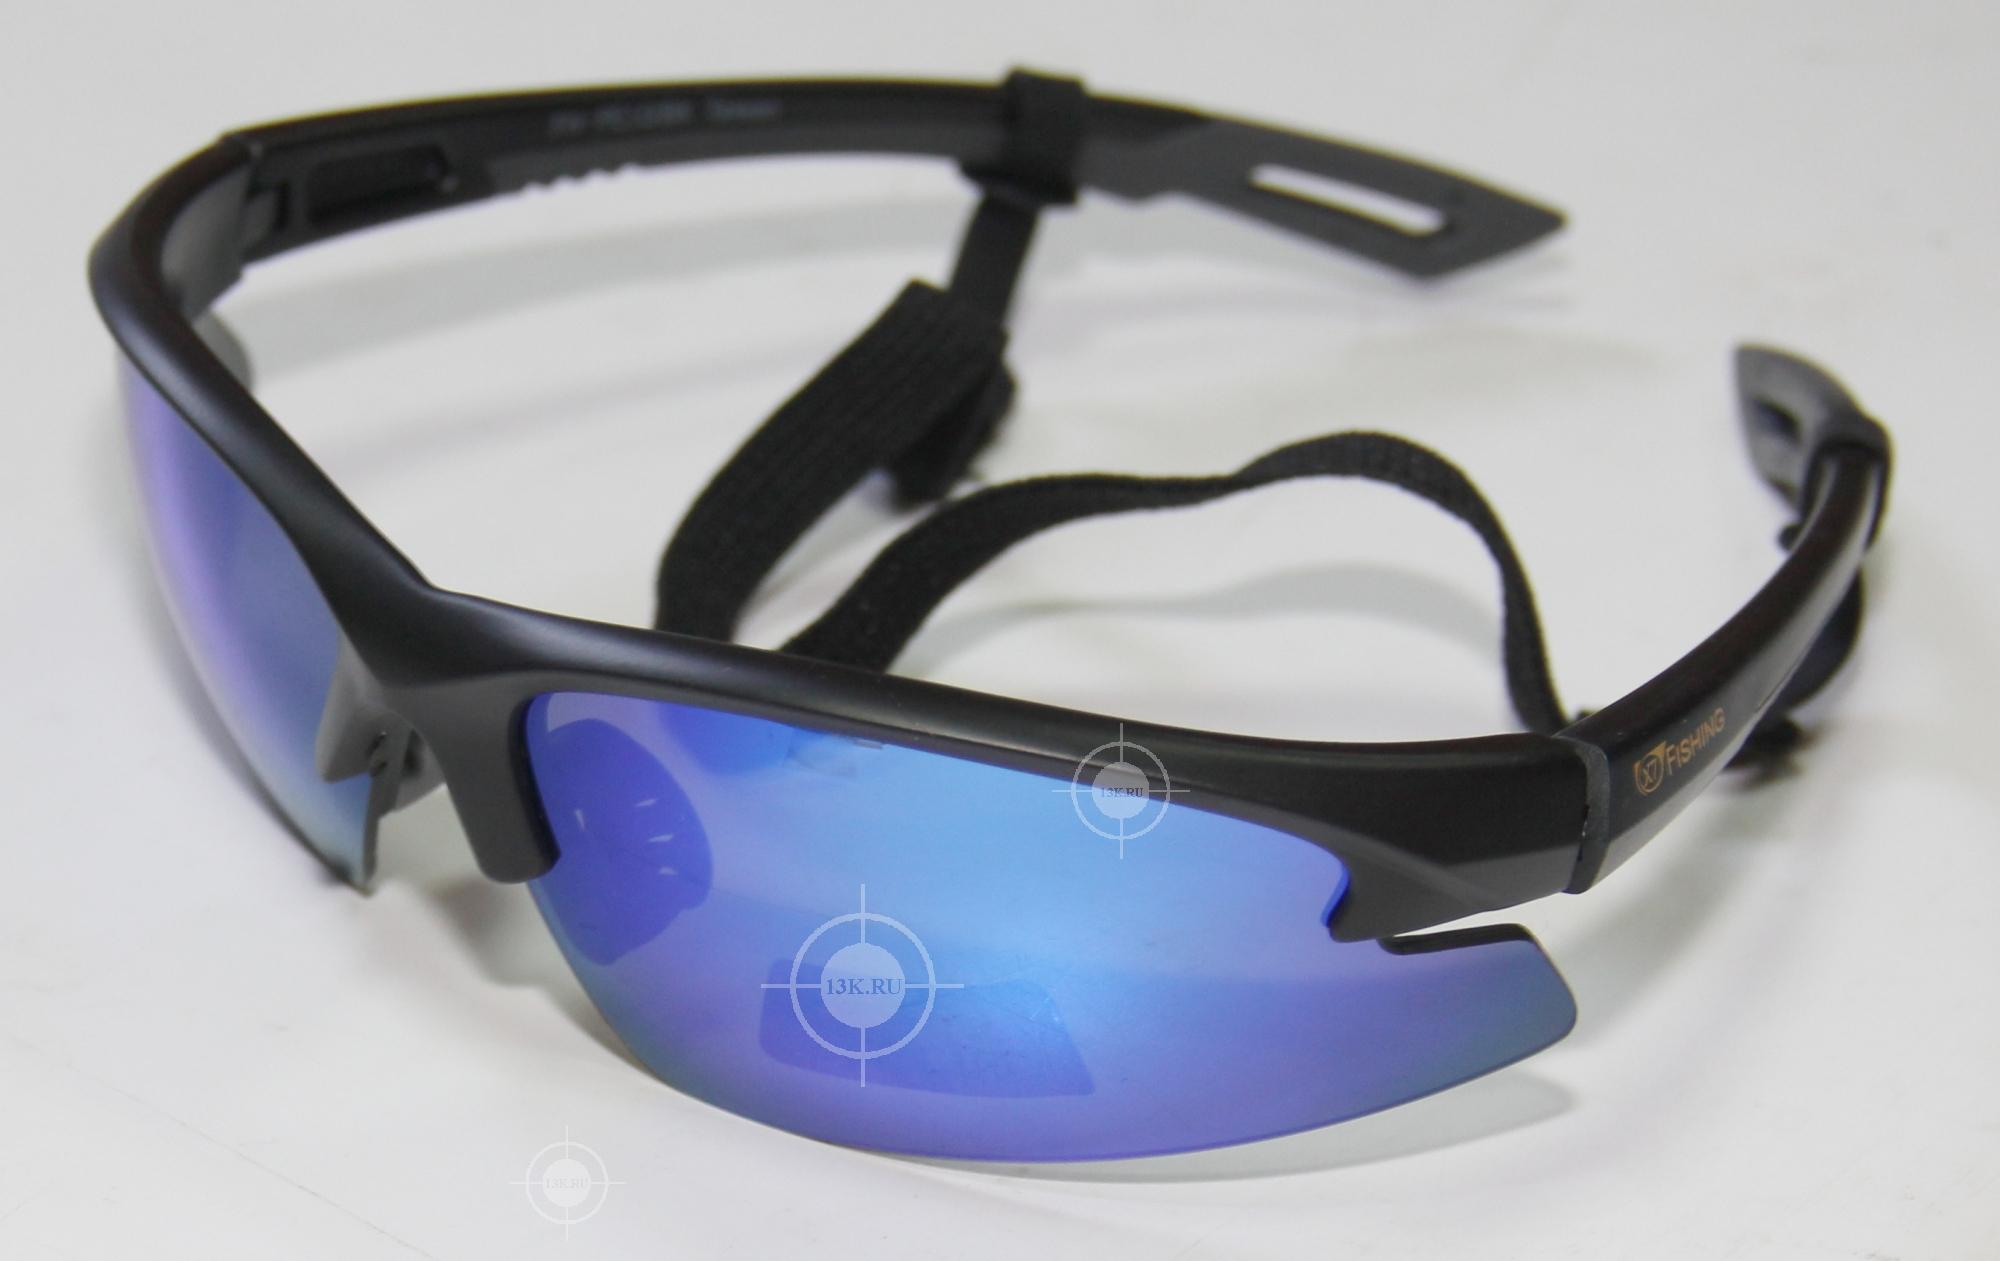 купить поляризационные очки для рыбалки форум